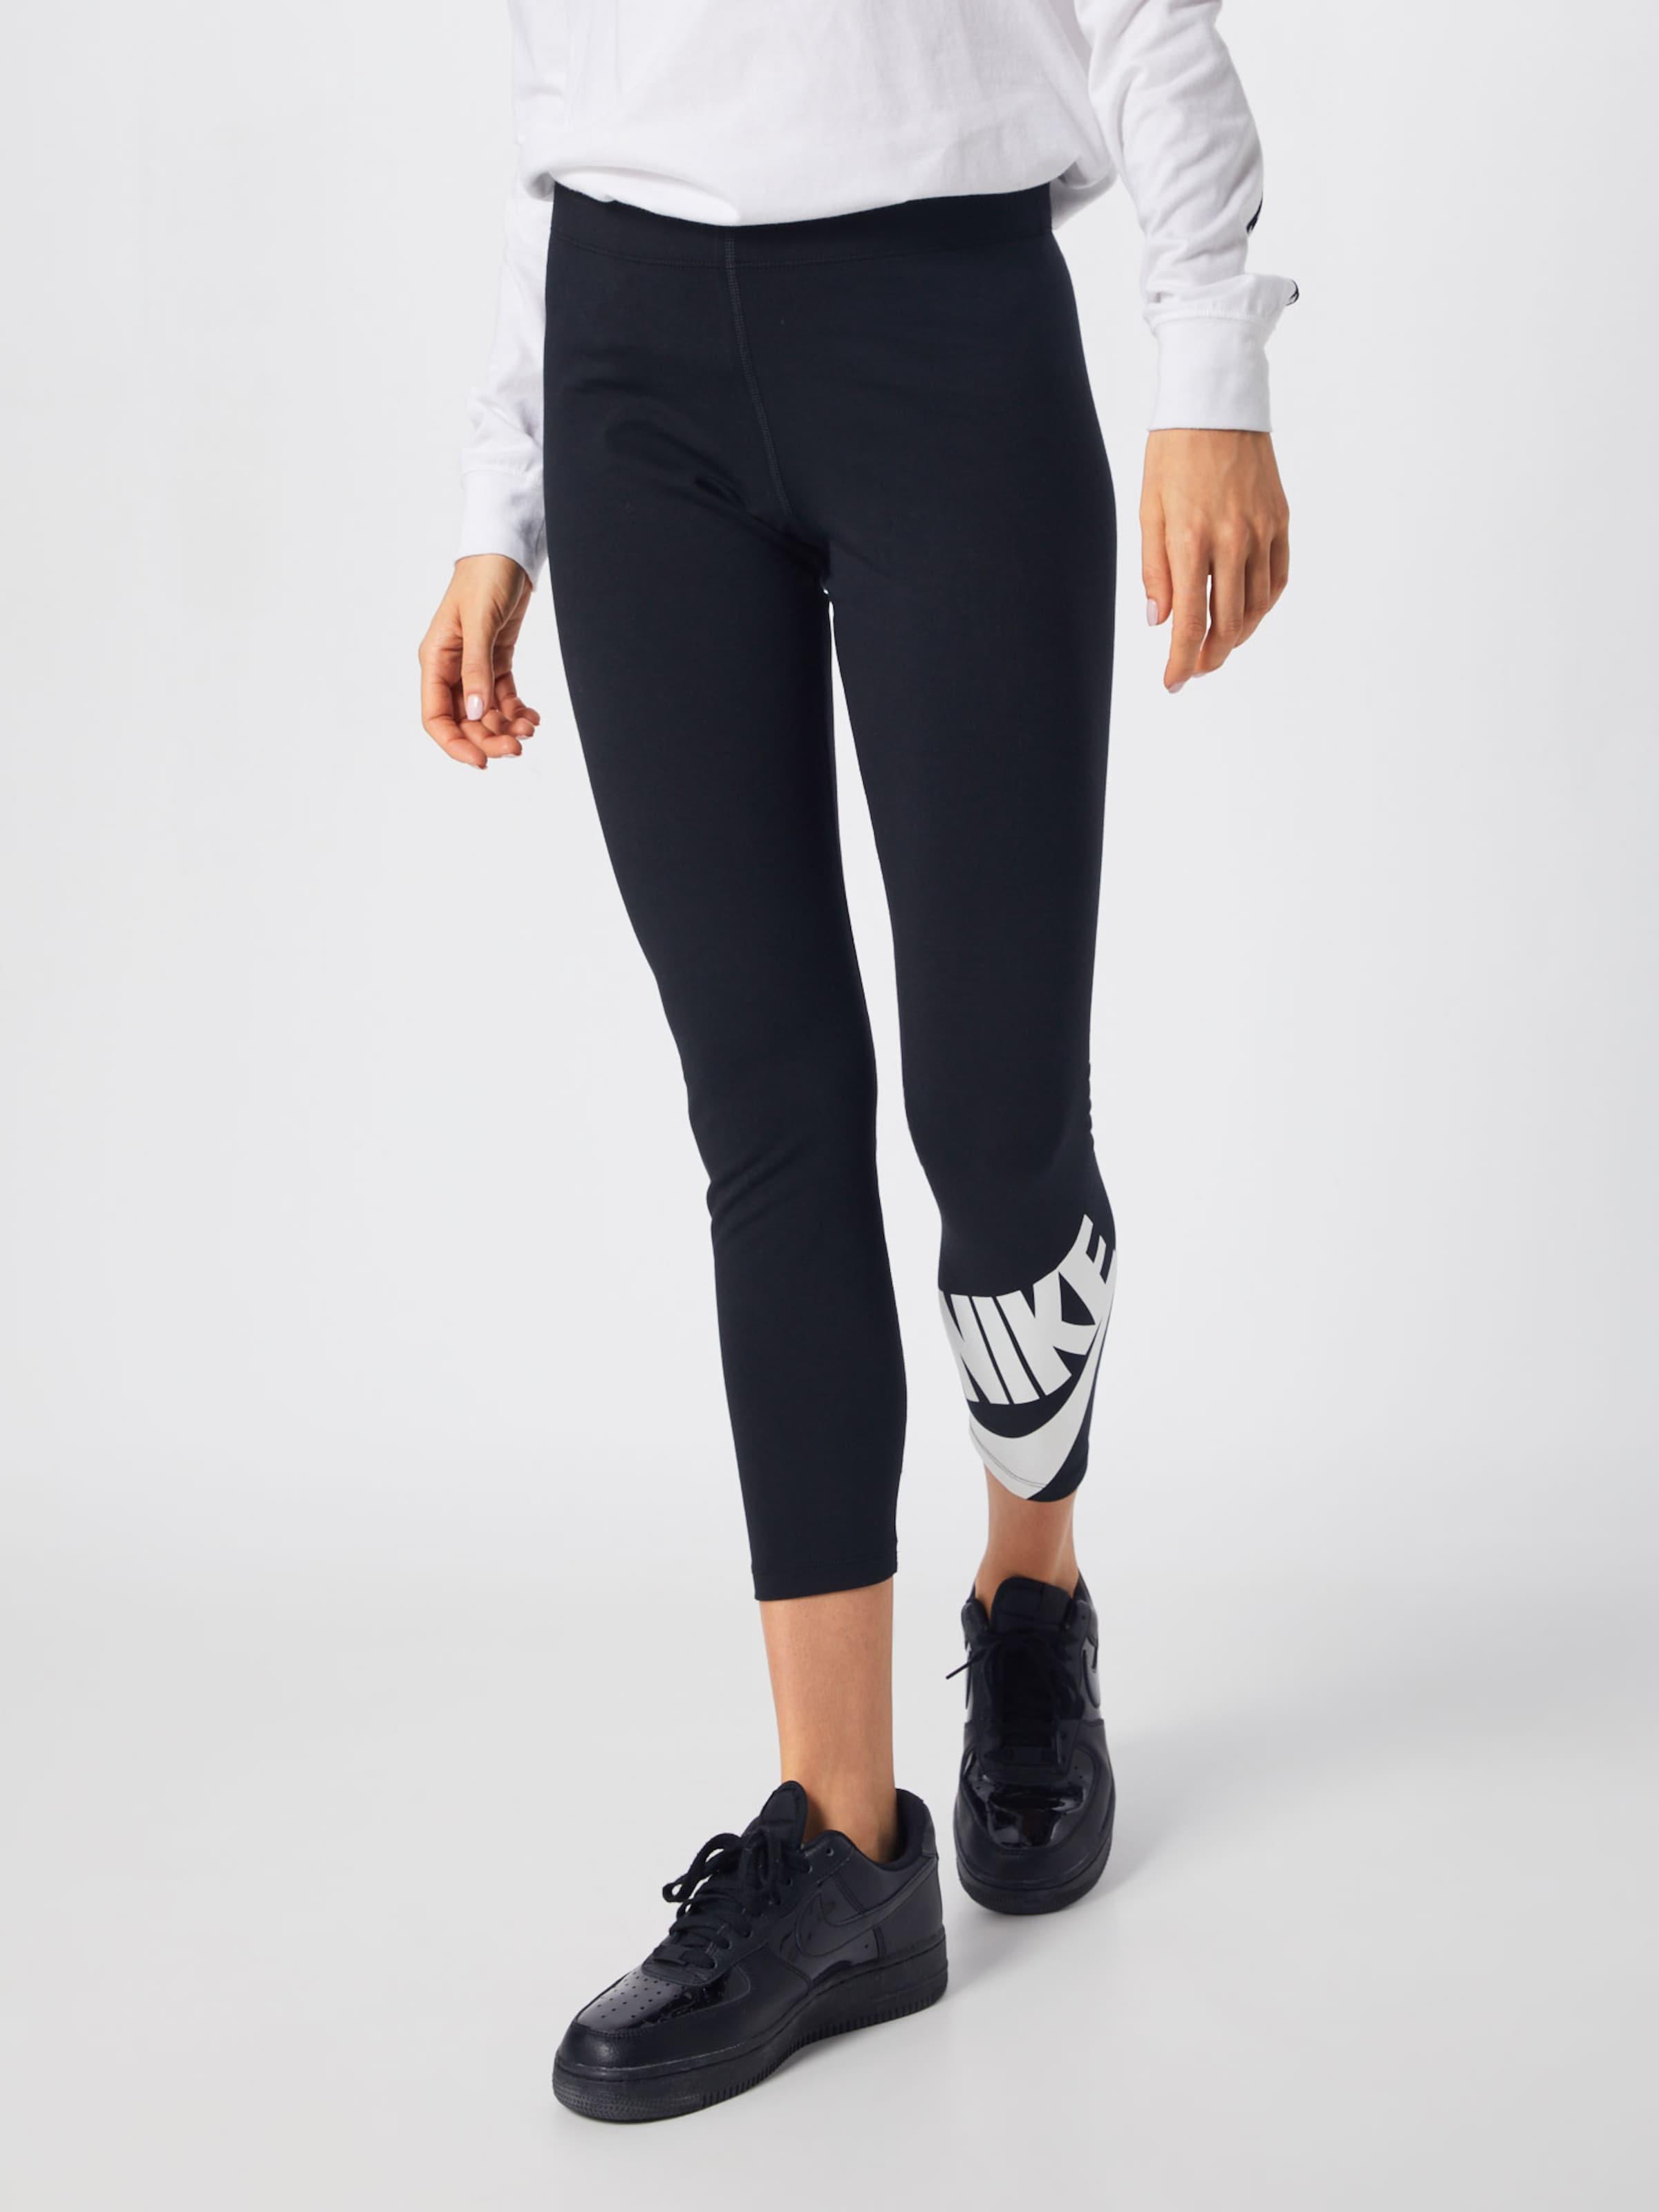 Nike 8 Futura' Sportswear SchwarzWeiß In 7 Leggings 'legasee nwmyN8Ov0